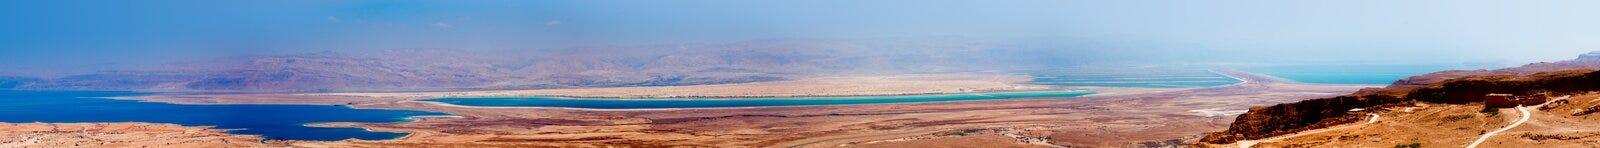 Panoramautsikt av det döda havet i den Judaean öknen - Israel Royaltyfria Bilder